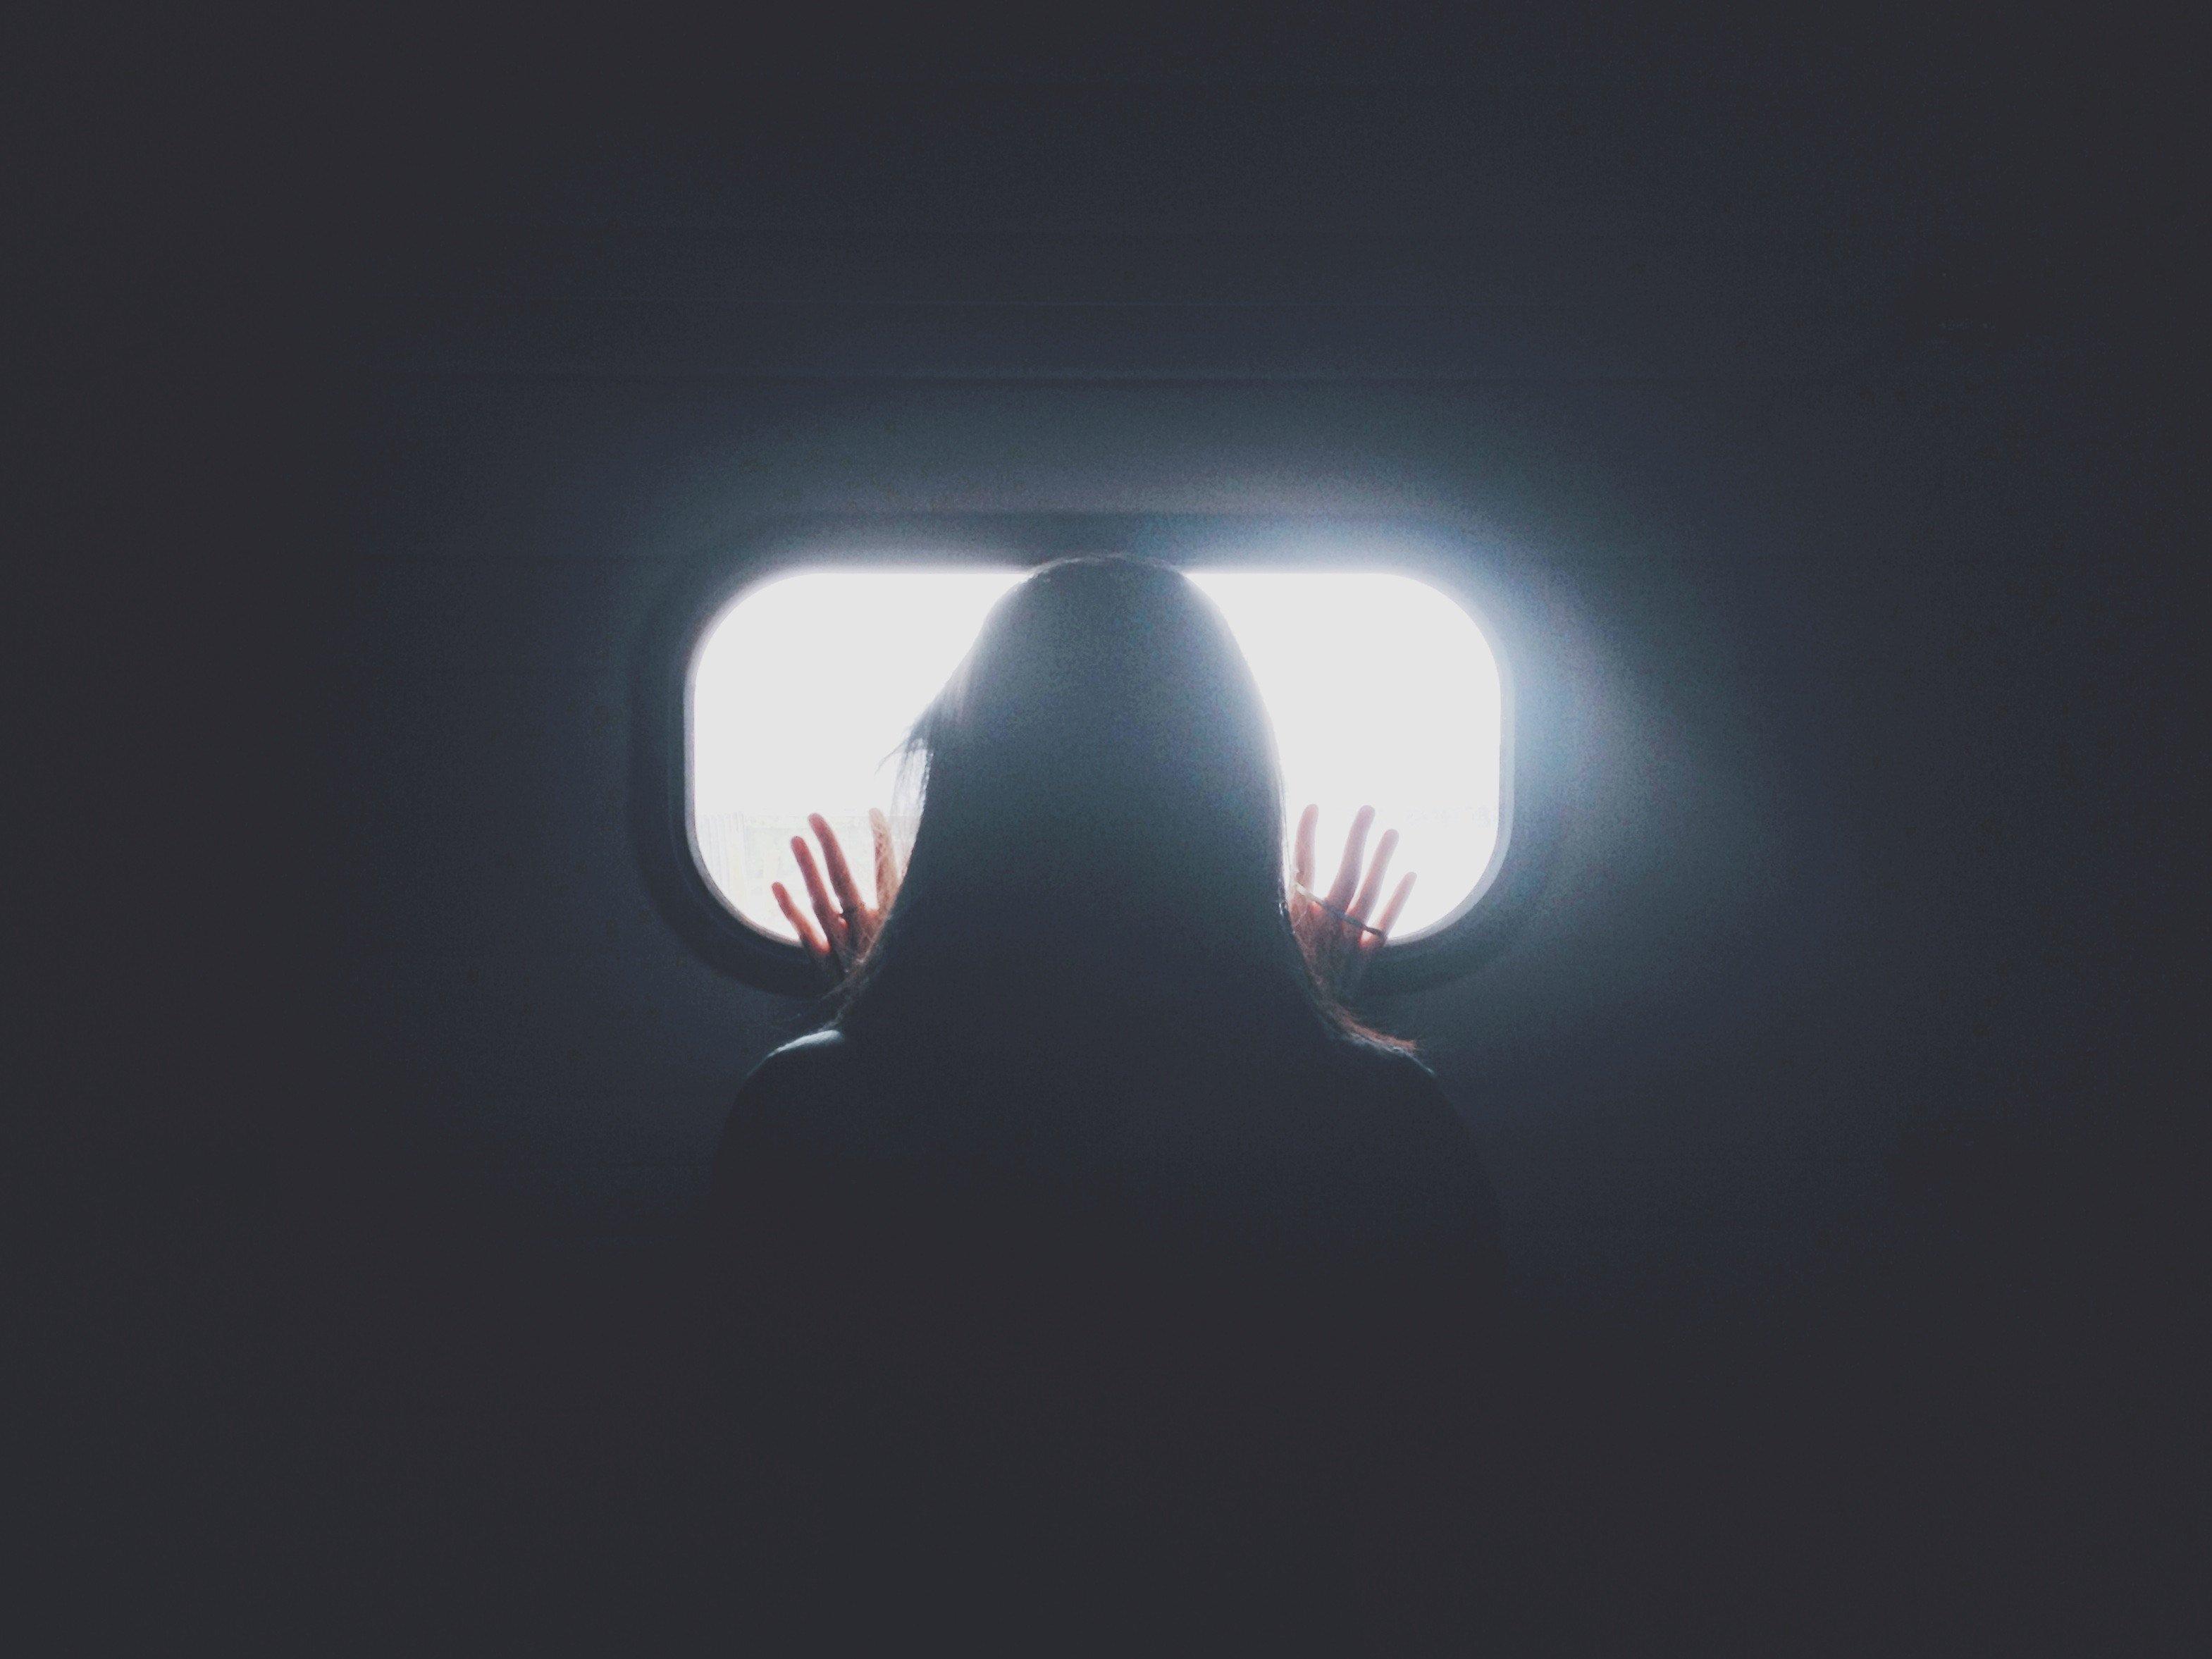 Psihološki pristup psihotičnim iskustvima